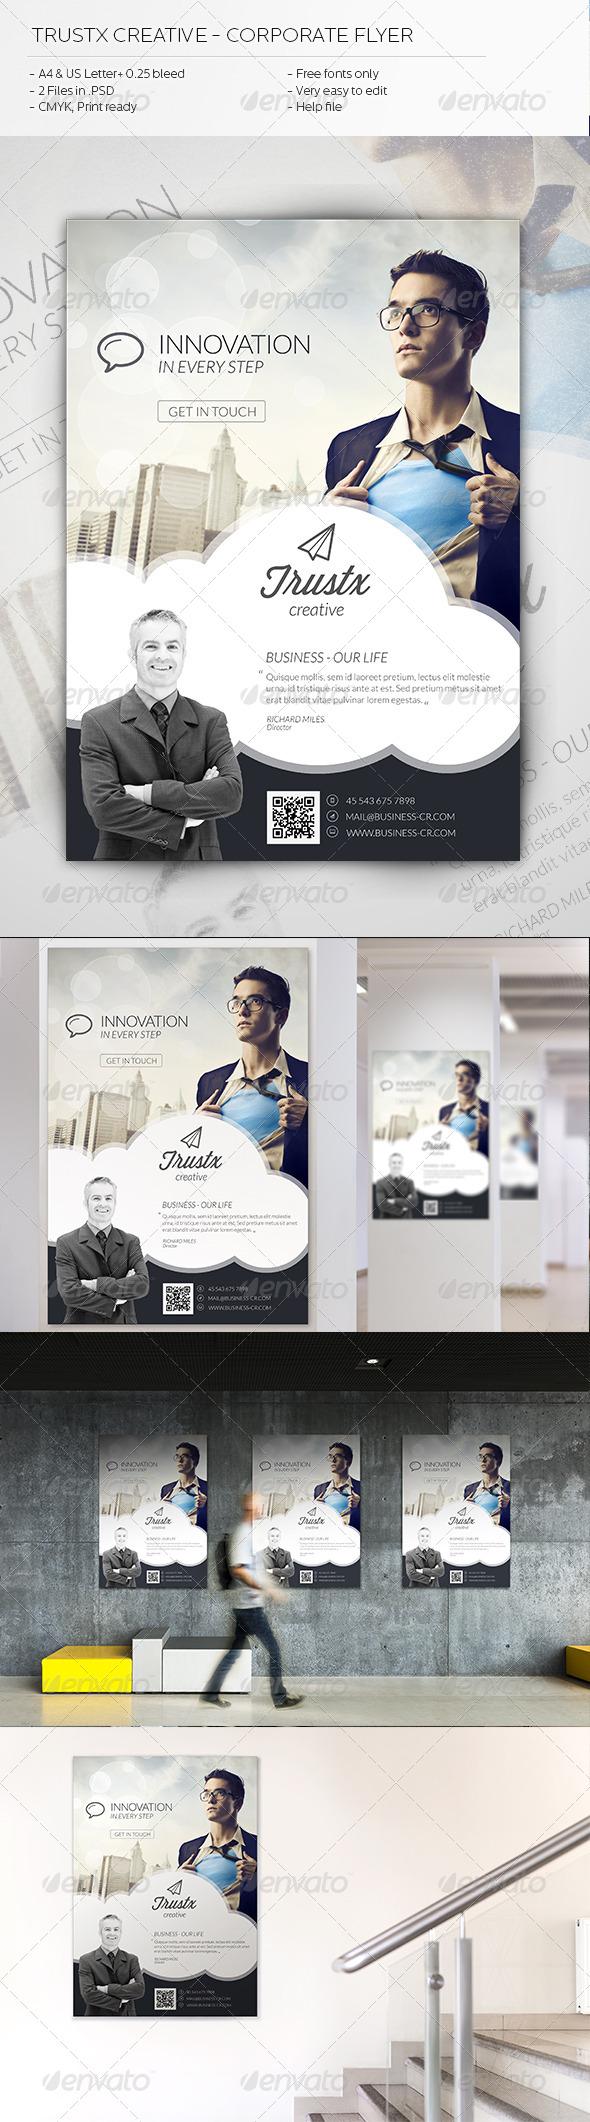 GraphicRiver Trustx Creative Corporate Flyer 5900477